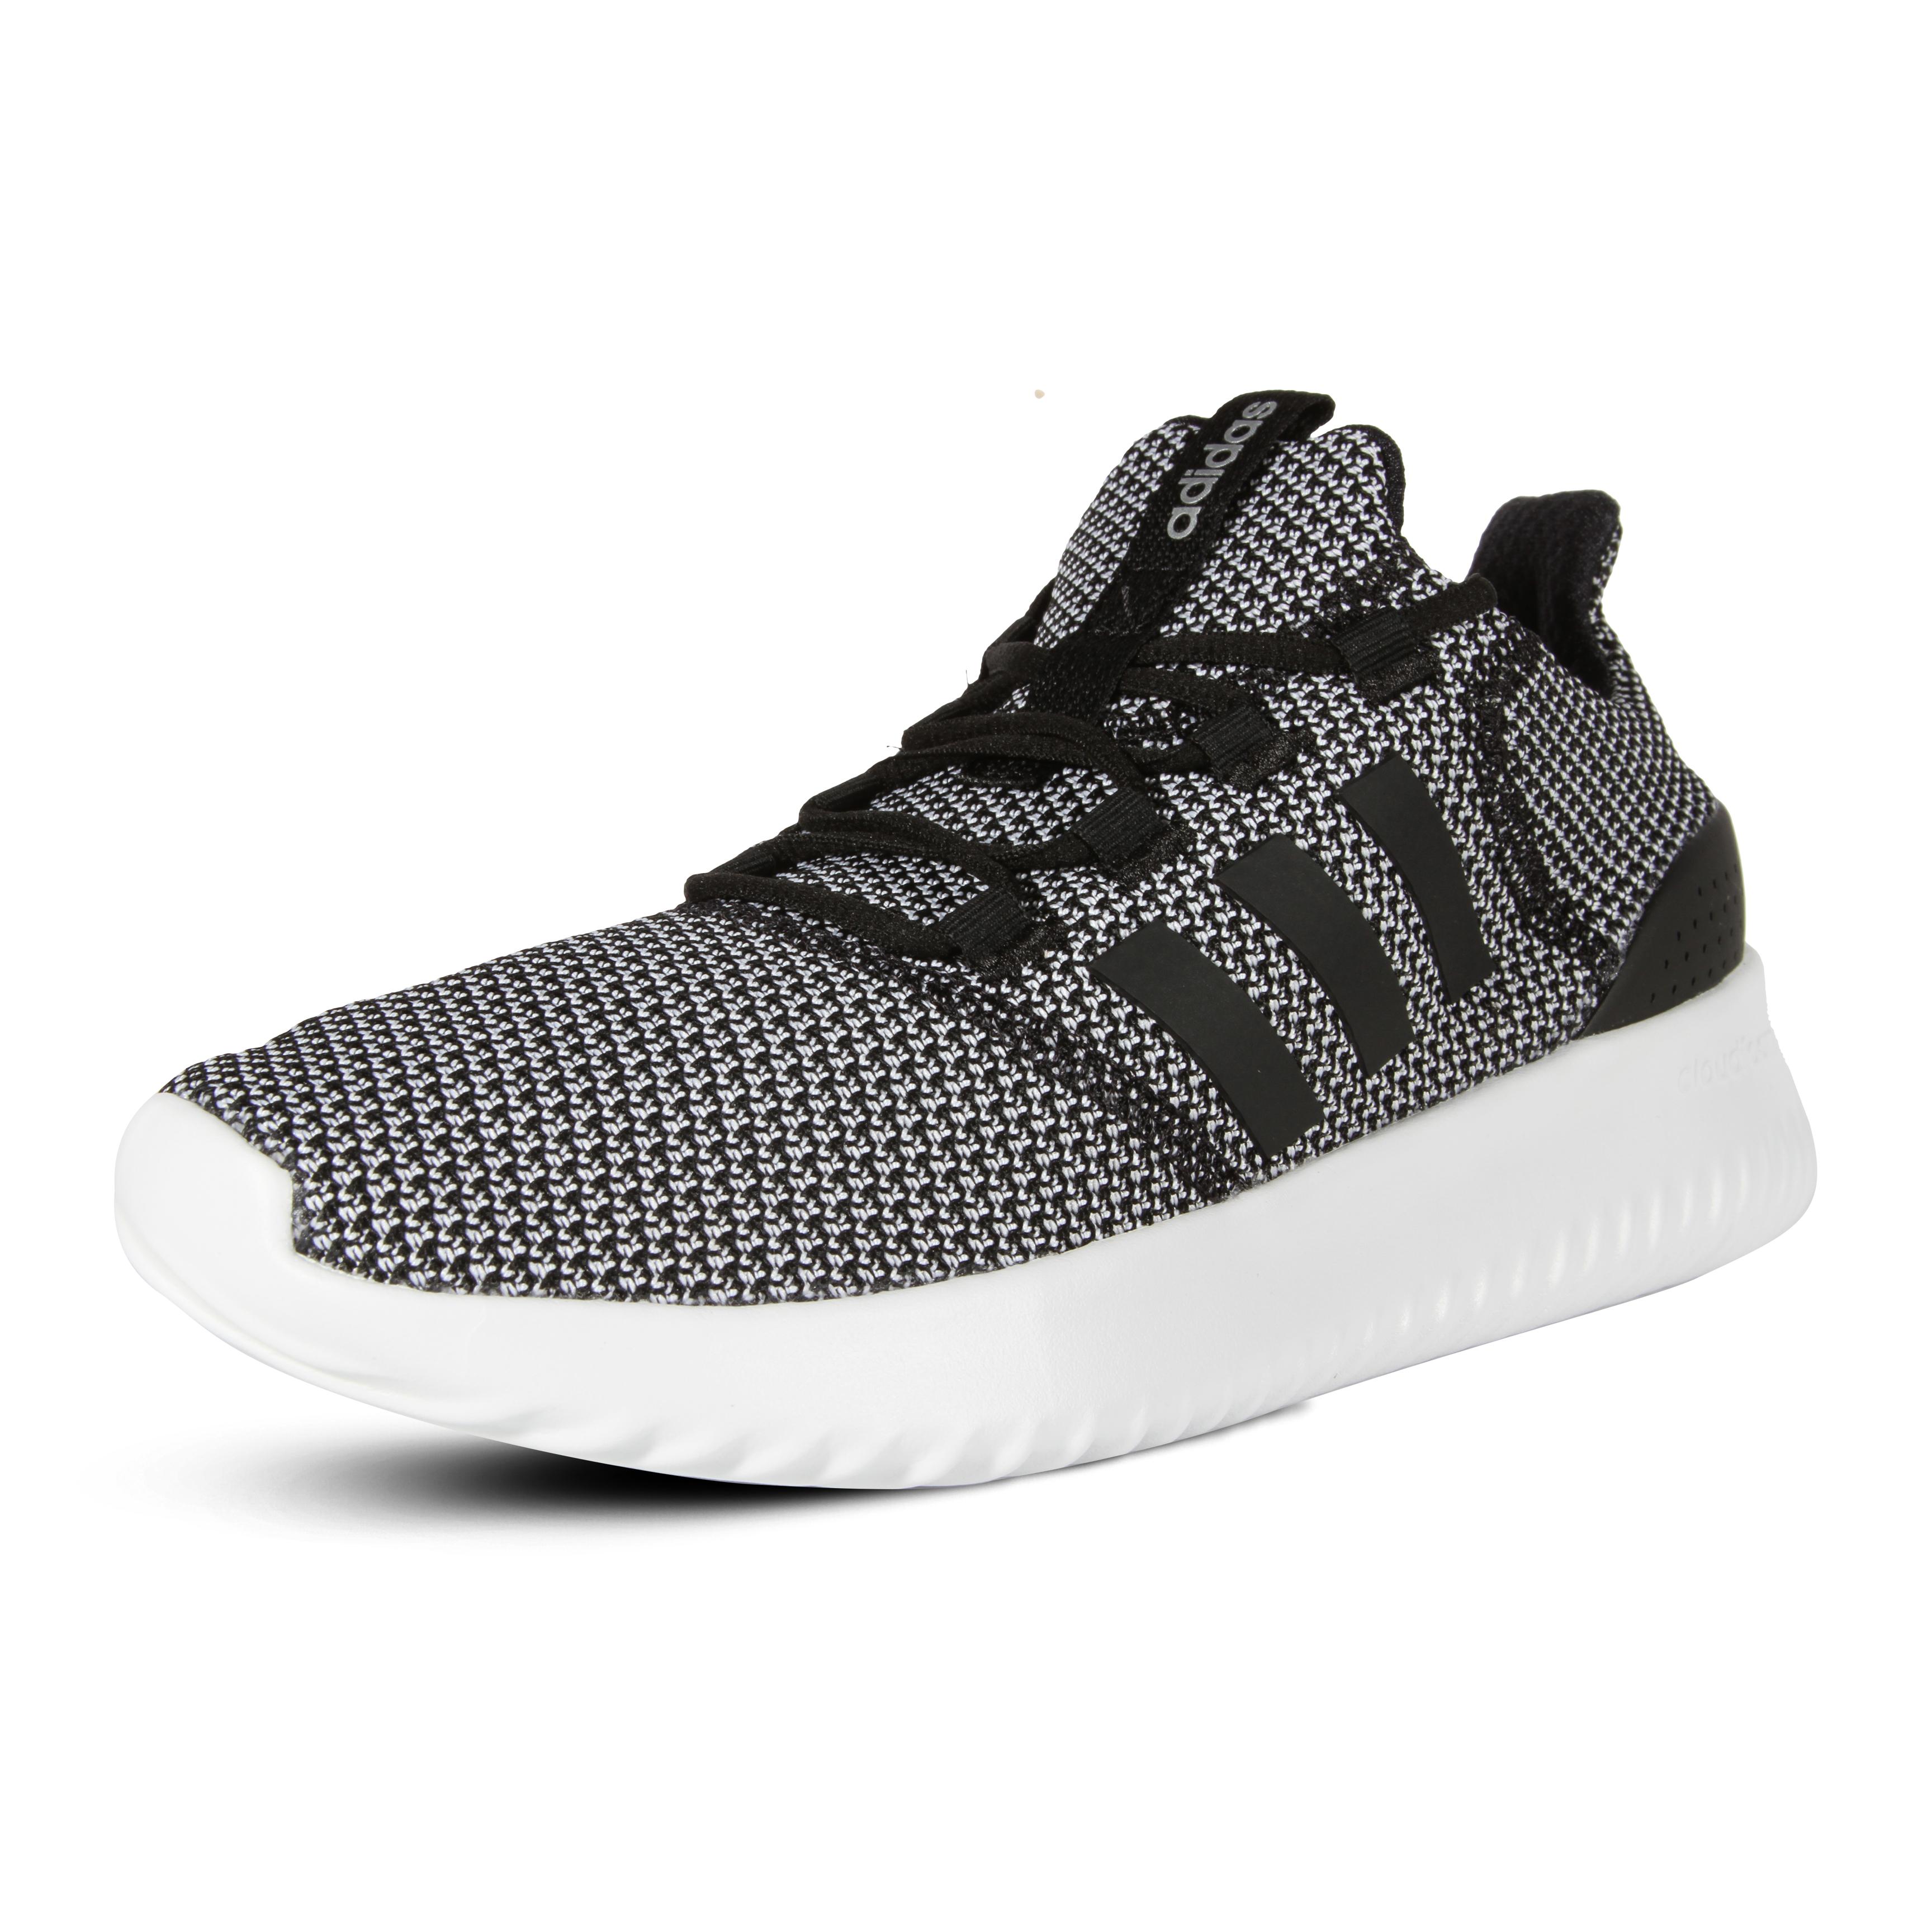 Adidas caminar en el aire en el cloudfoam Ultimate zapatilla 8 regulares de eBay